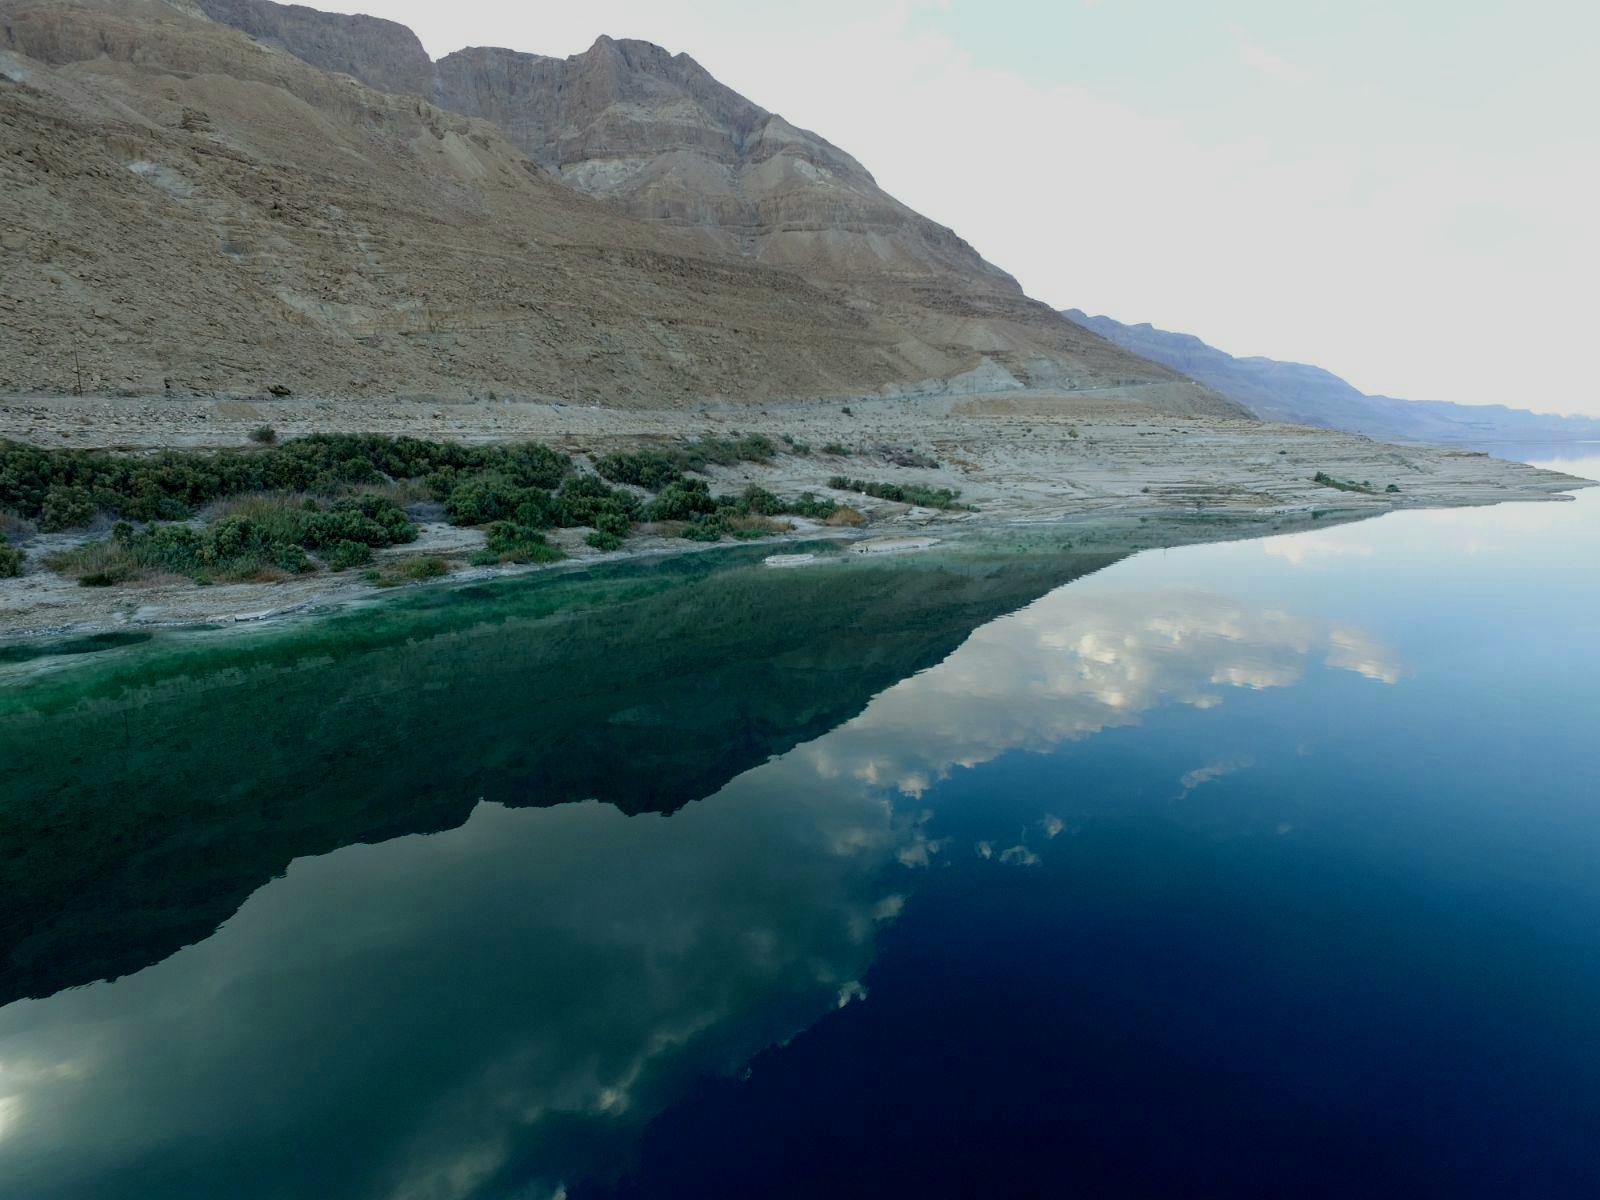 """""""המפגש המנוגד בין מי הים הכחולים לבין ההרים המדבריים"""" (צילום: עומר דרור וניצן דרור)"""